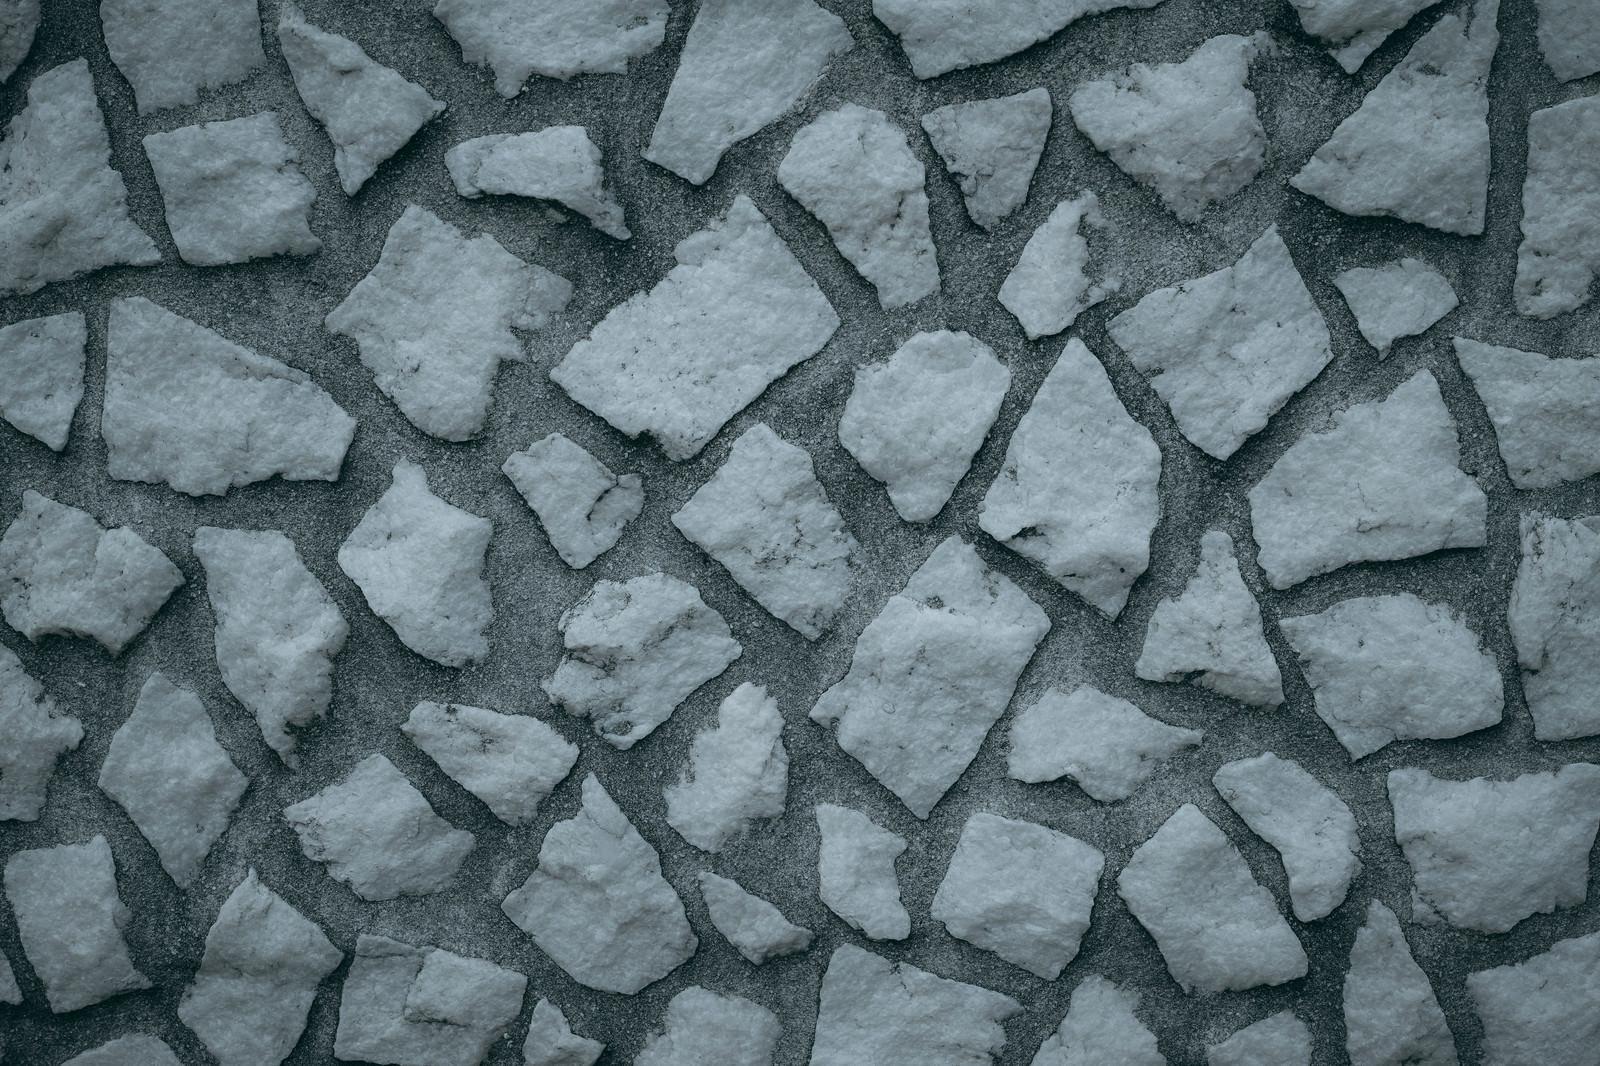 「乱雑に組み込まれた石の壁(テクスチャ)」の写真